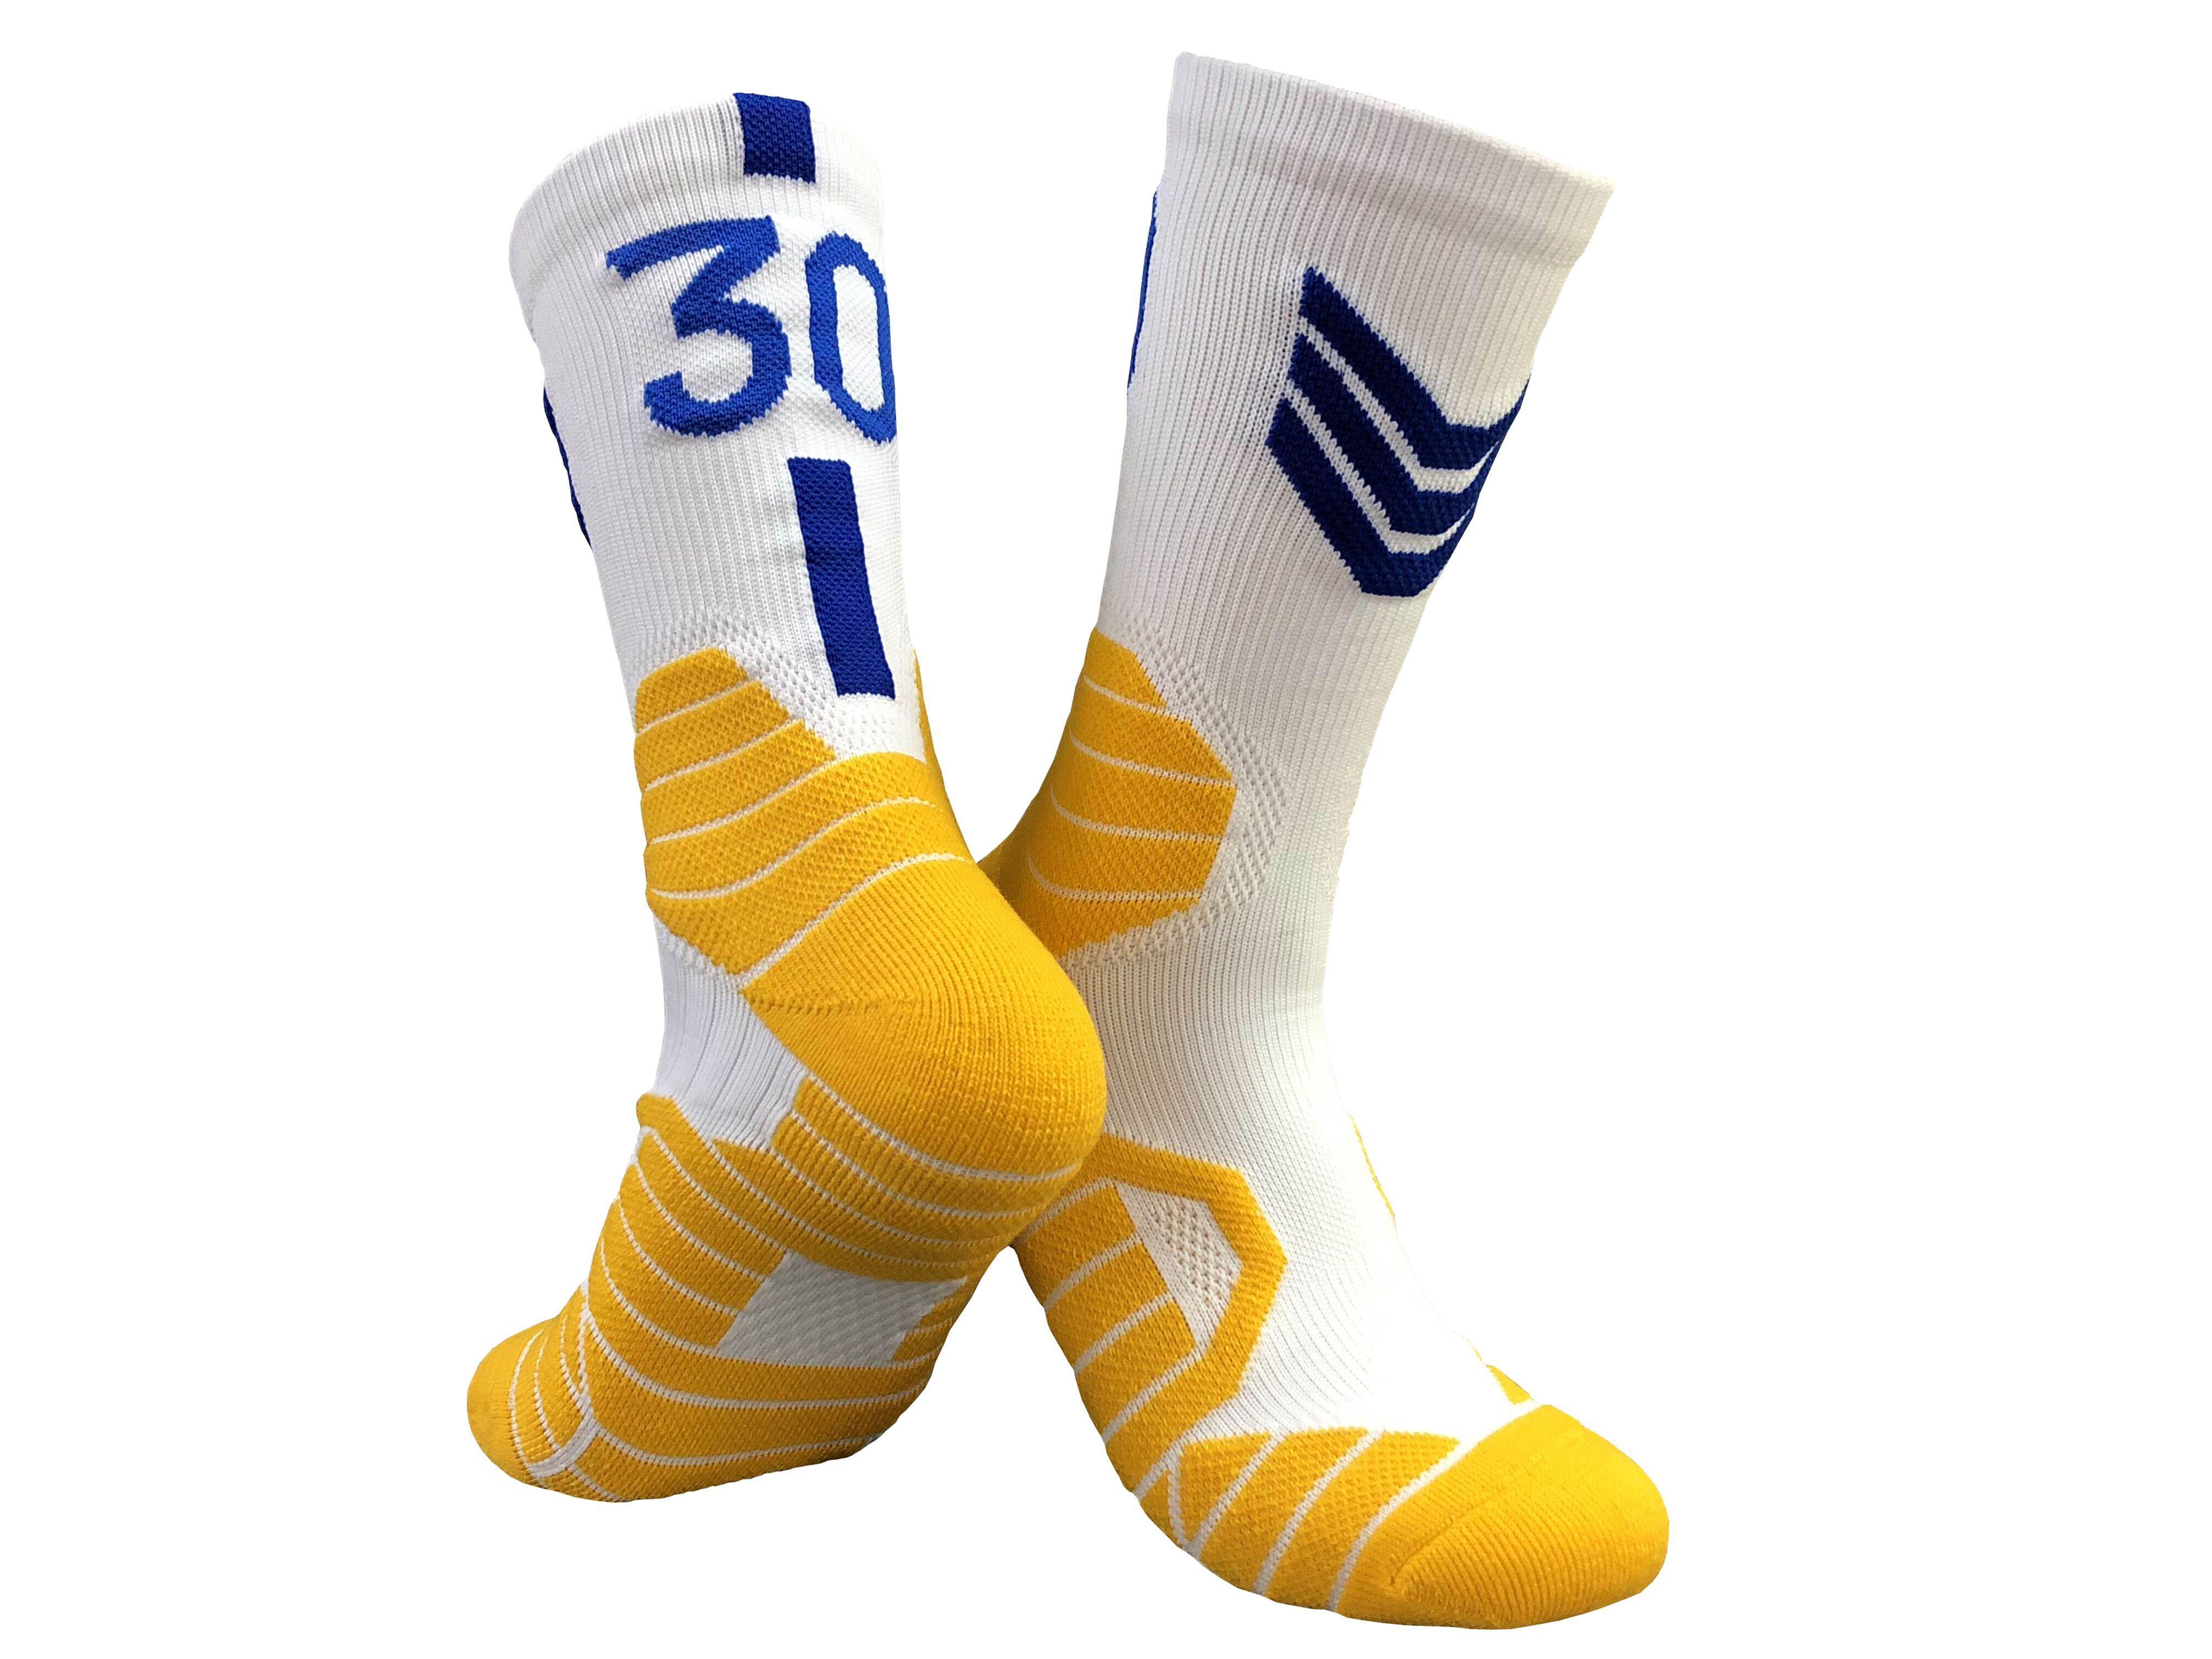 Professional player number basketball socks non-slip durable skateboard towel bottom sports socks men's mid-tube elite socks